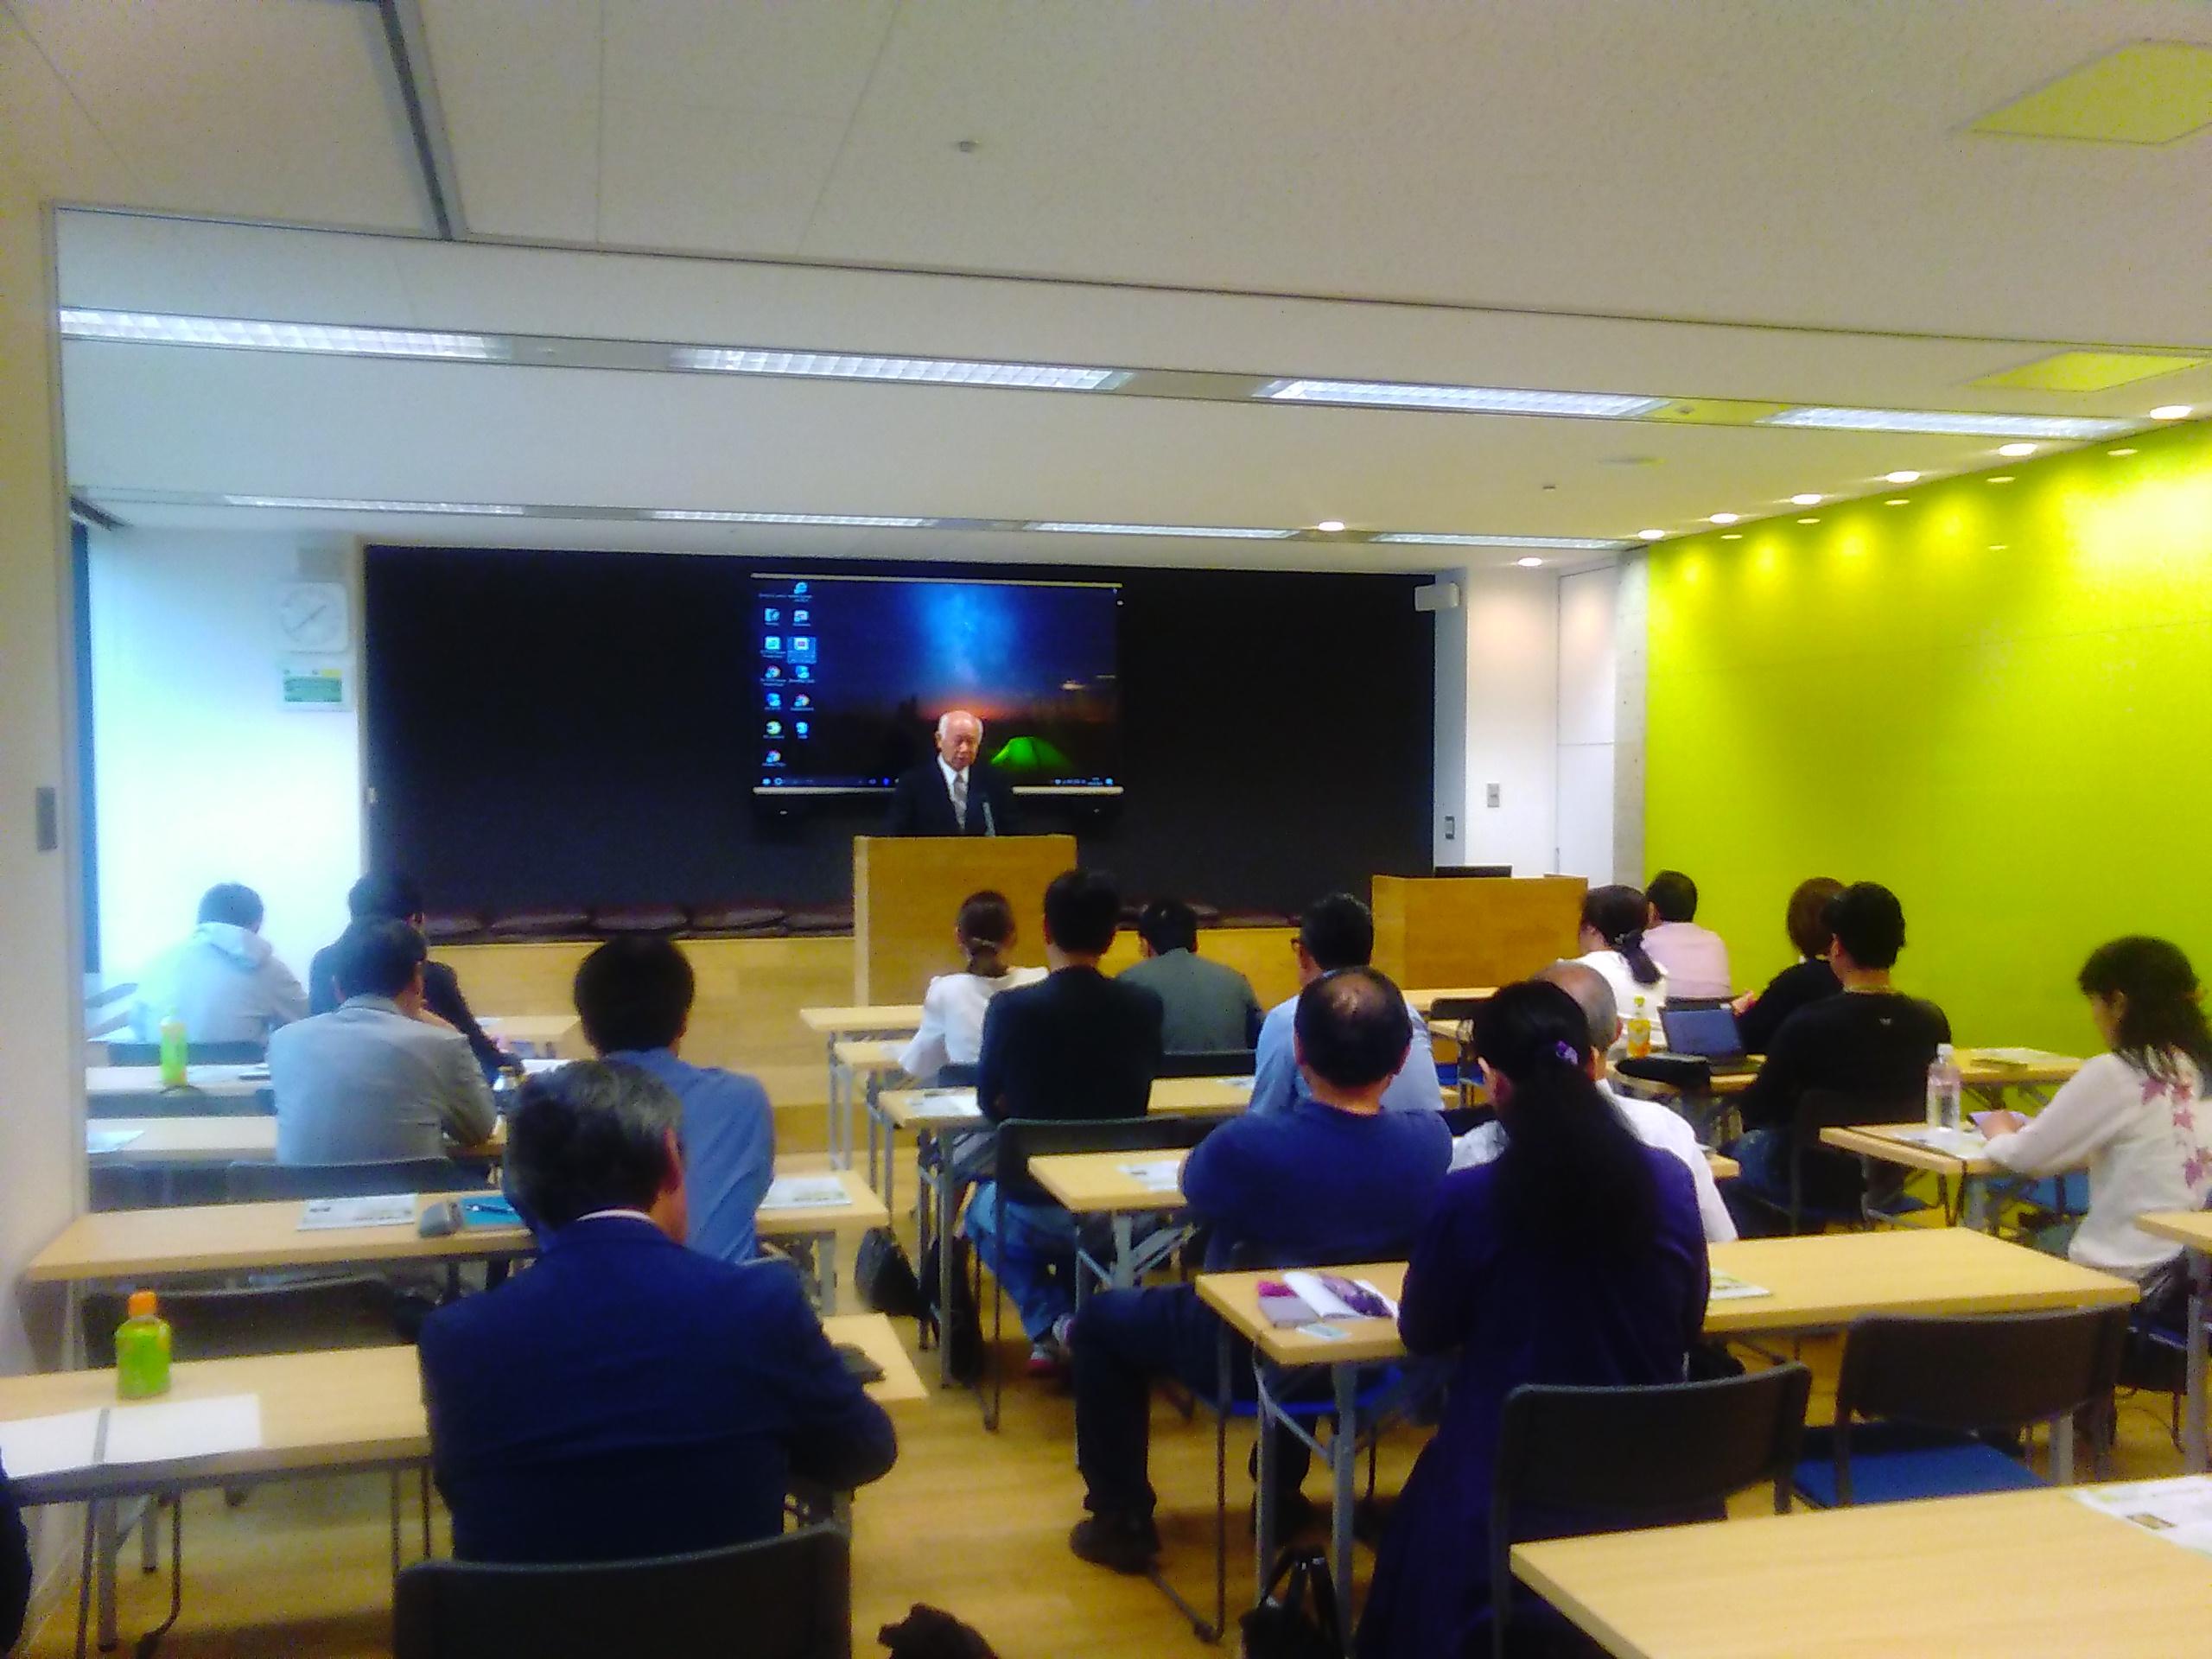 KIMG0189 - 4月1日東京思風塾の開催になります。